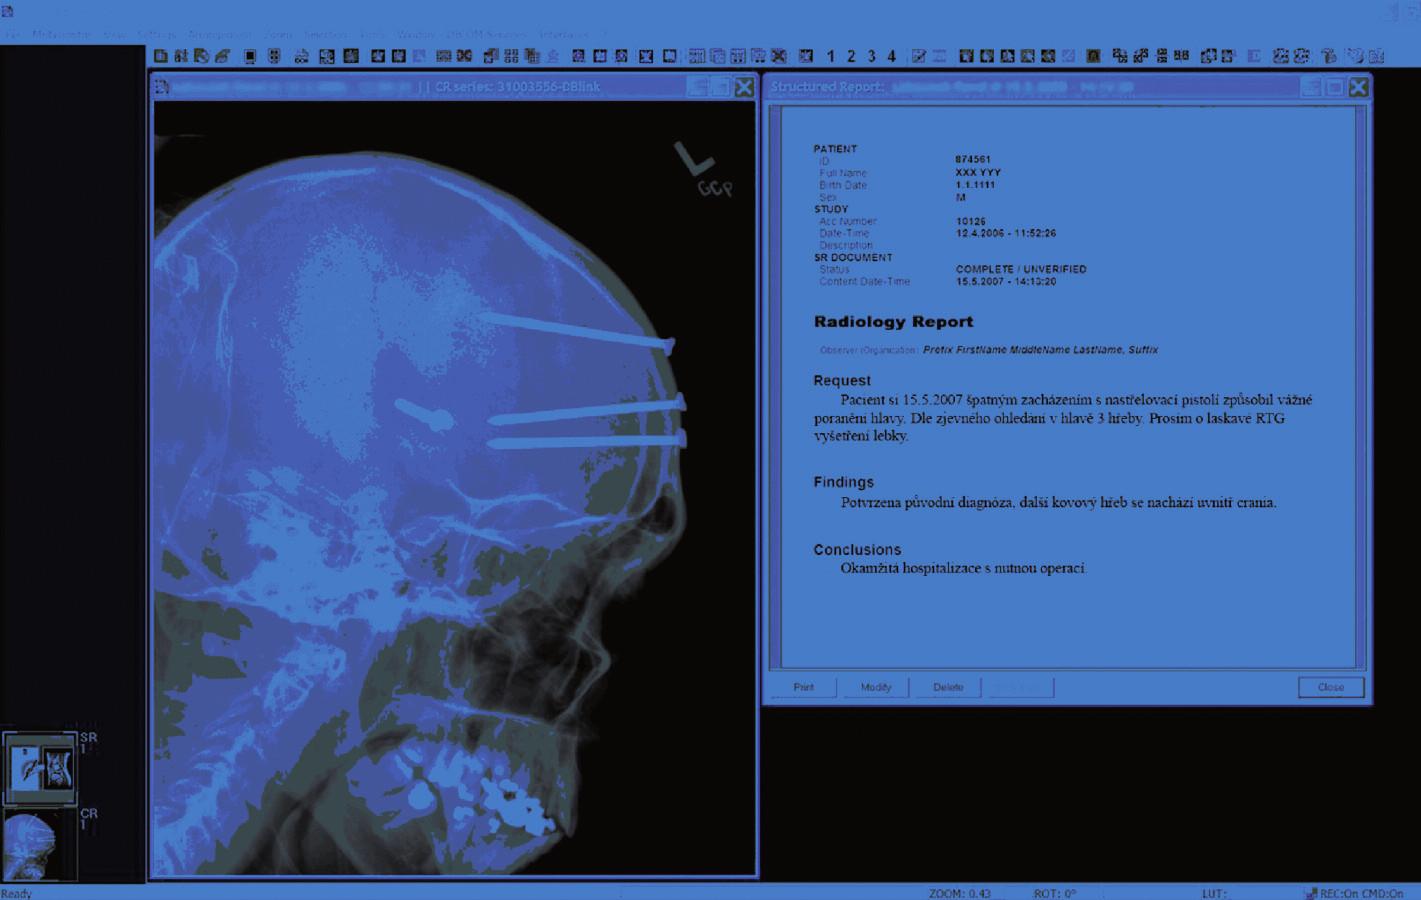 Pomocí systému ePACS je možné zasílat i textové informace související se snímkem. Foto: archiv ICZ